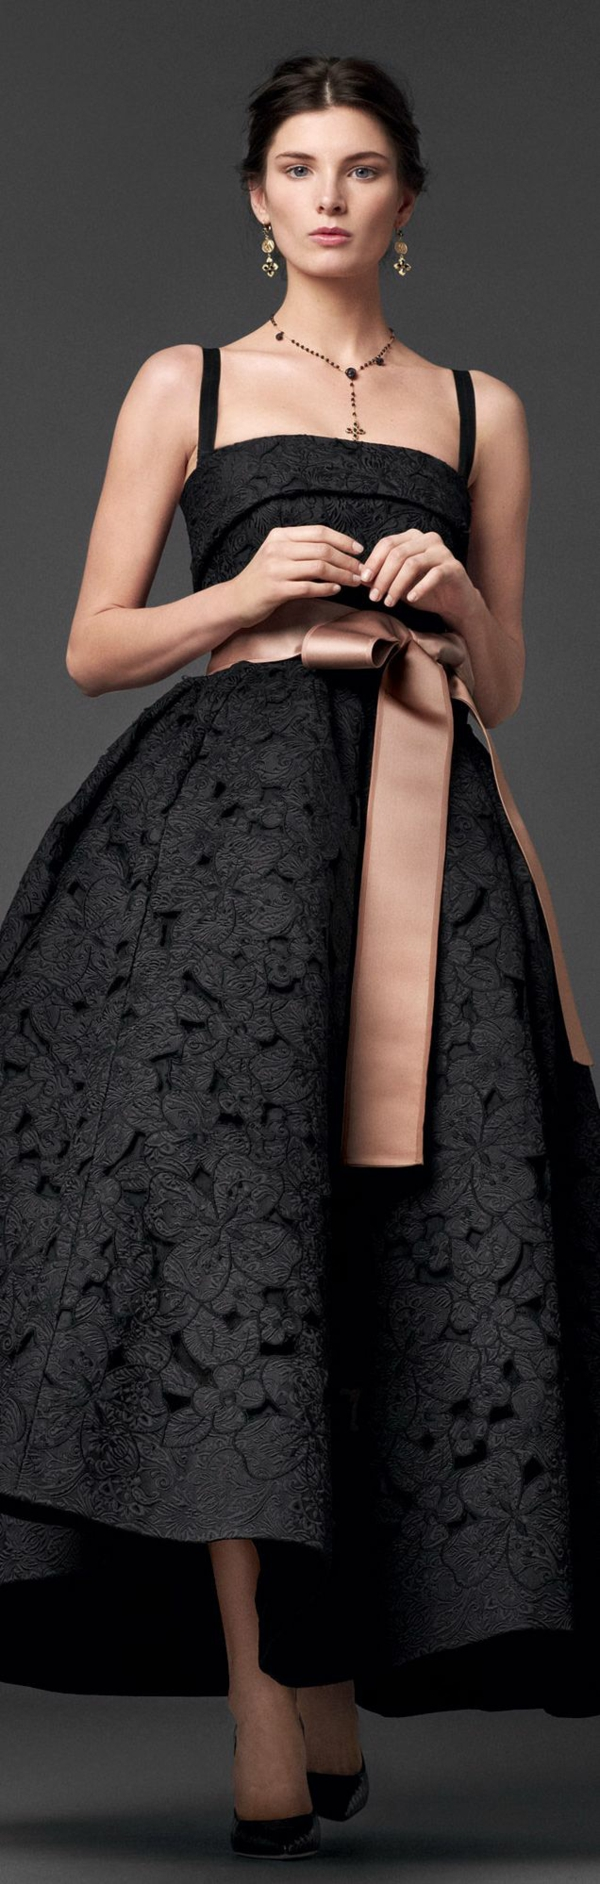 Cocktail Kleider, von denen Frauen träumen - offizielle Kleiderordnung